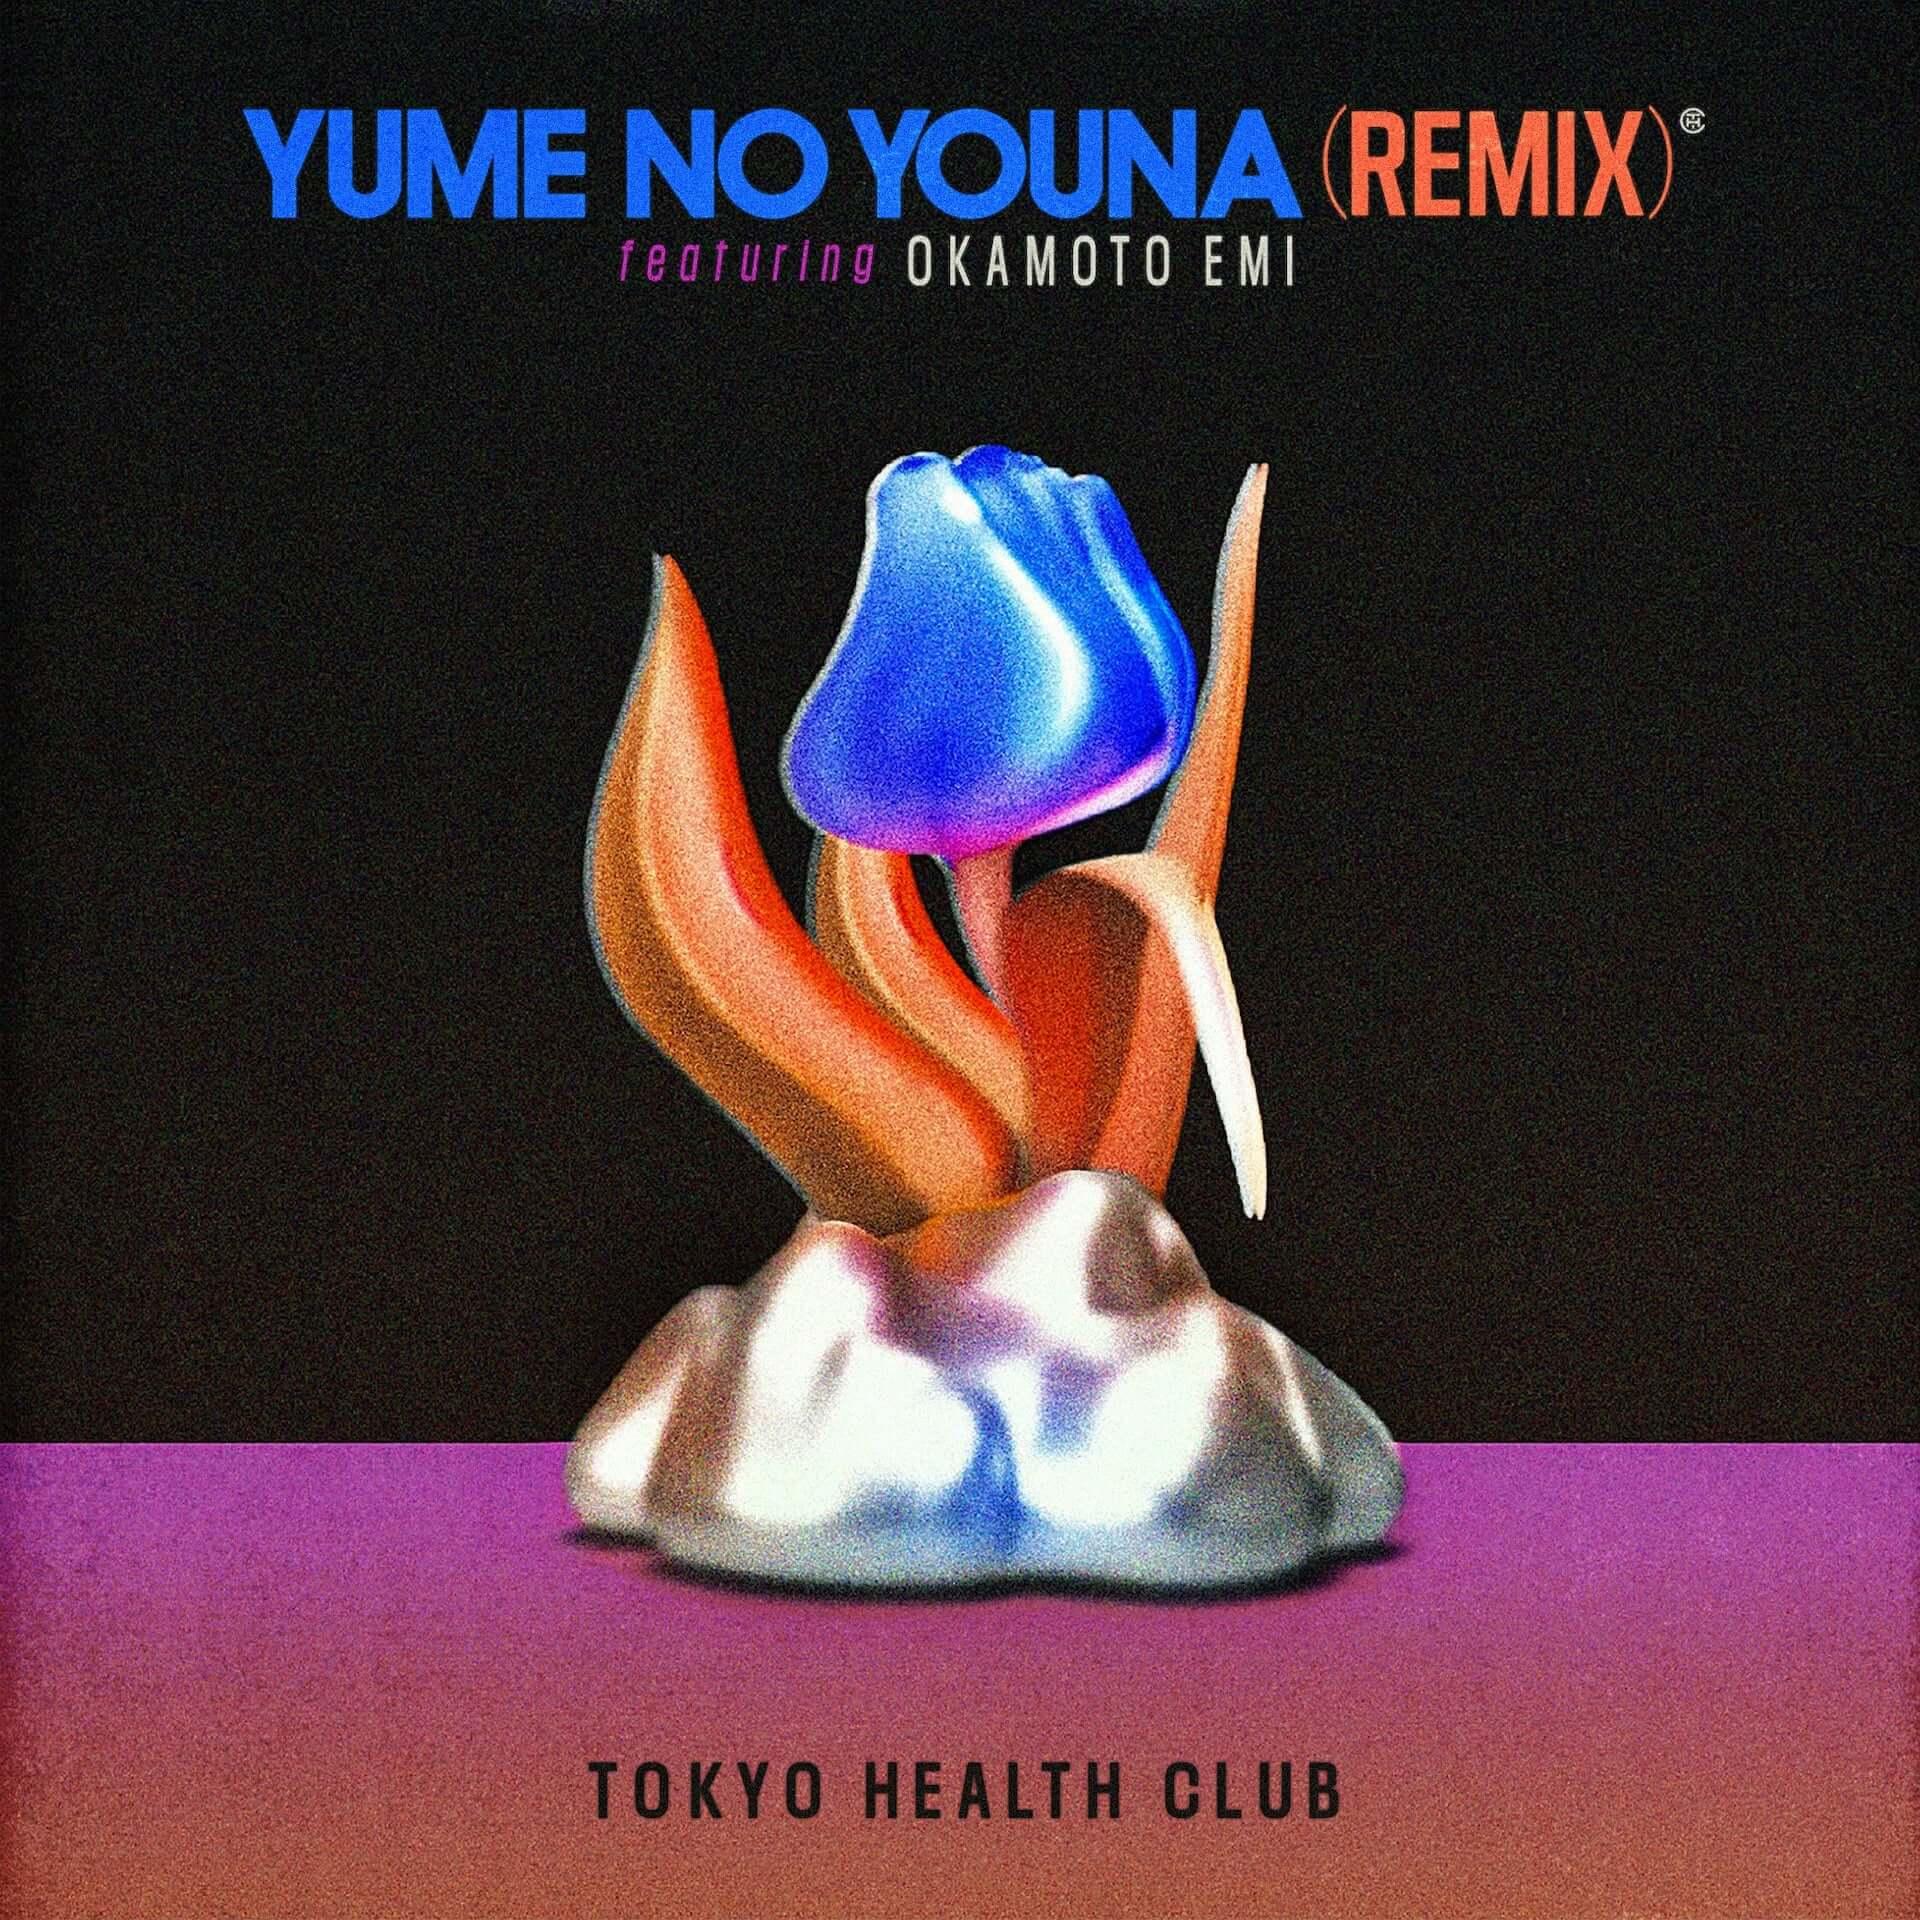 """TOKYO HEALTH CLUBがおかもとえみを迎えた""""夢のような(REMIX)""""をリリース!木村太一が手掛けたMVも公開 music200904_tokyohealthclub_1-1920x1920"""